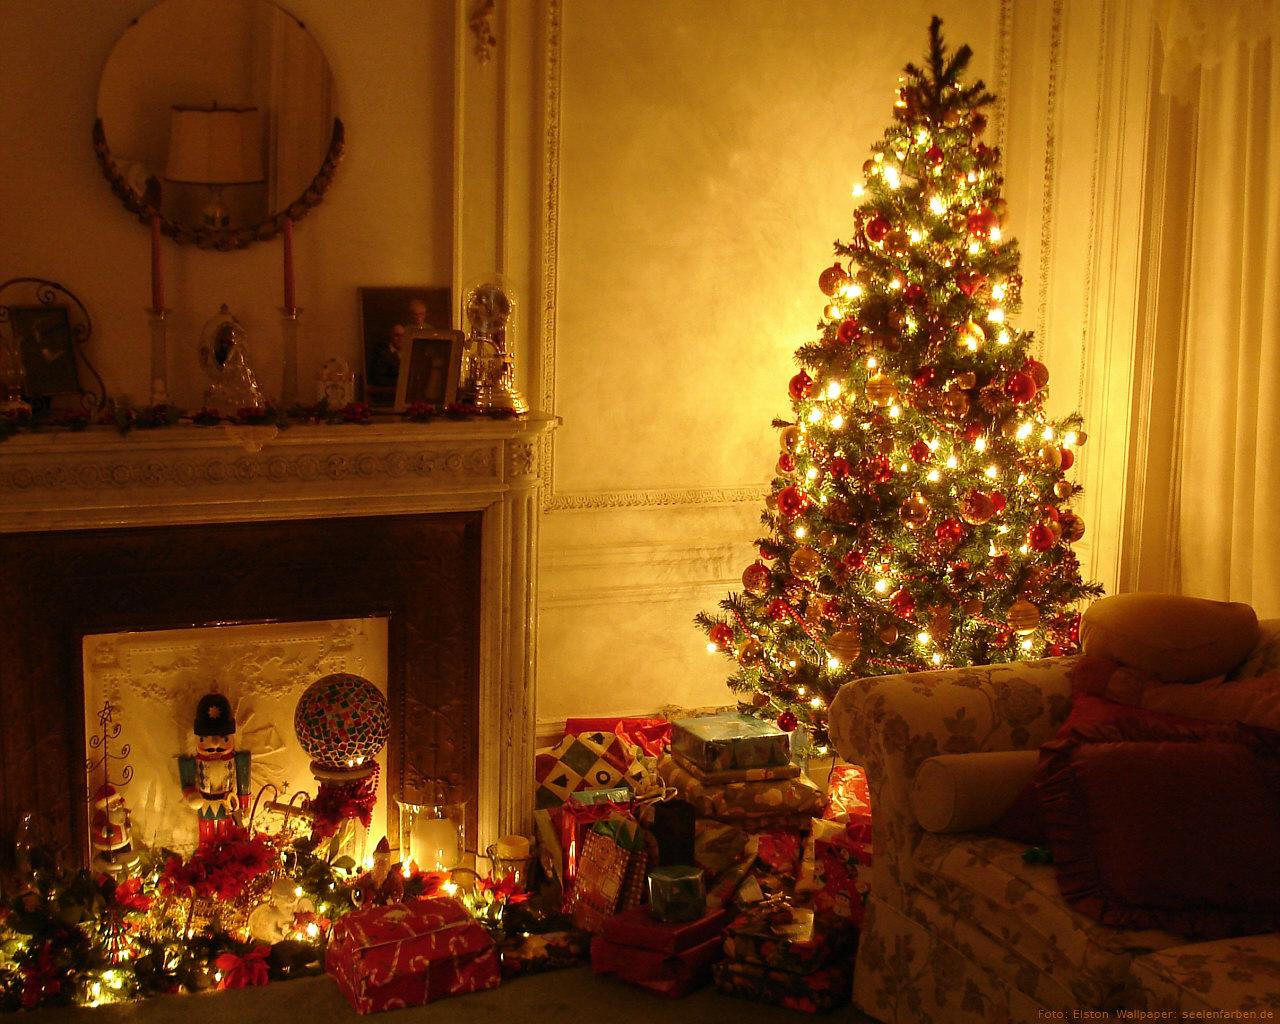 Seelenfarben Weihnachten.Weihnachten Advent Christmas Tannenbaum Christbaumkugeln Nussknacker